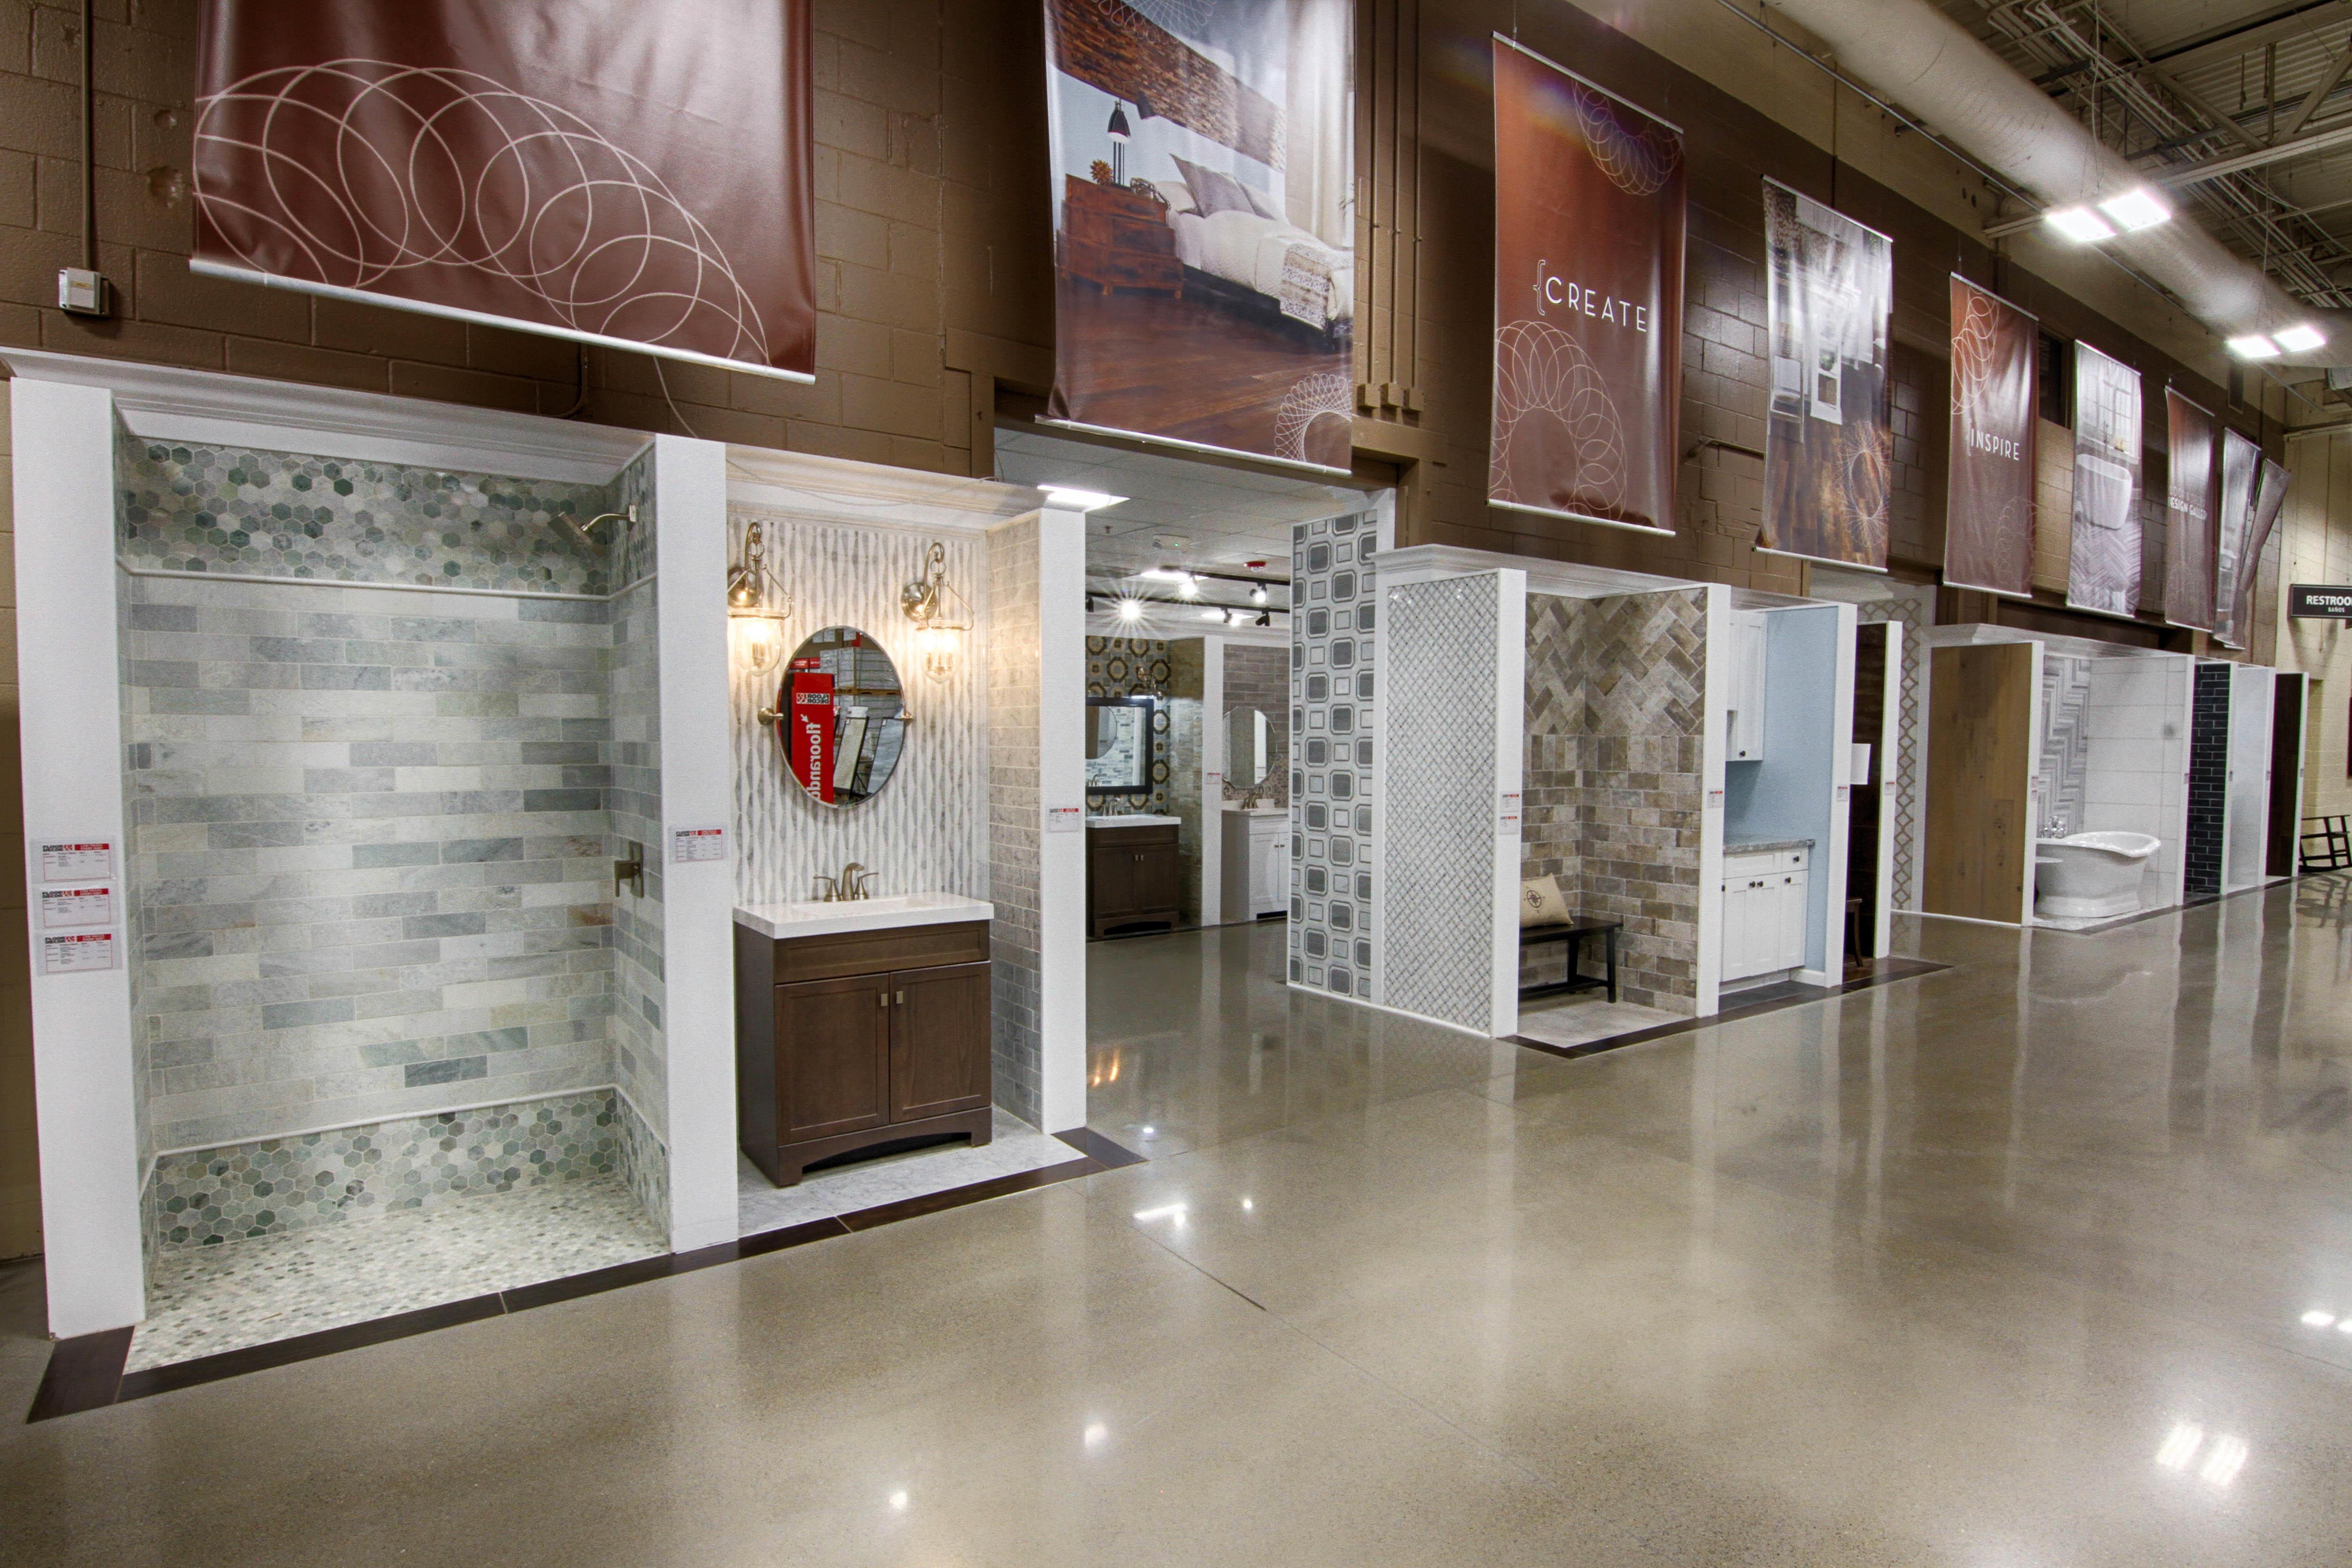 Floor & Decor image 38